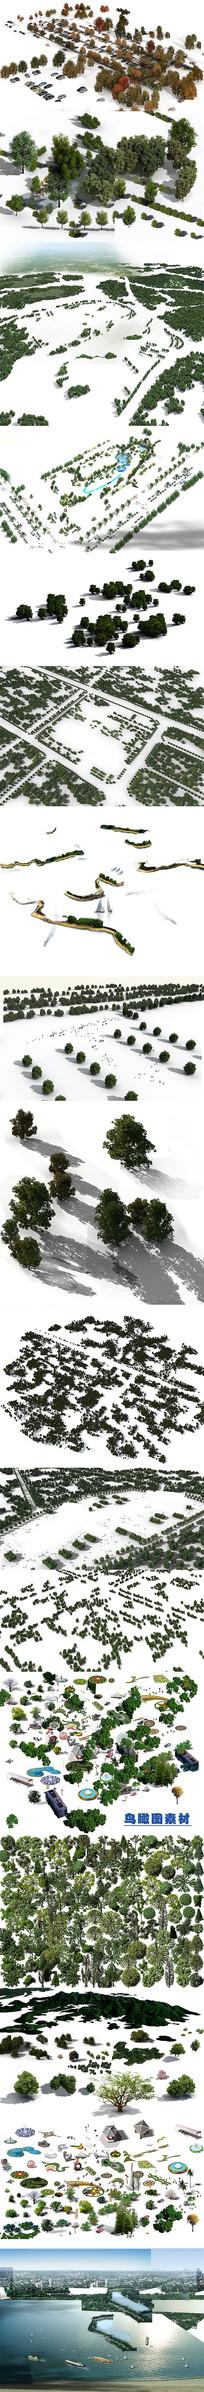 免抠景观园林后期PSD效果图